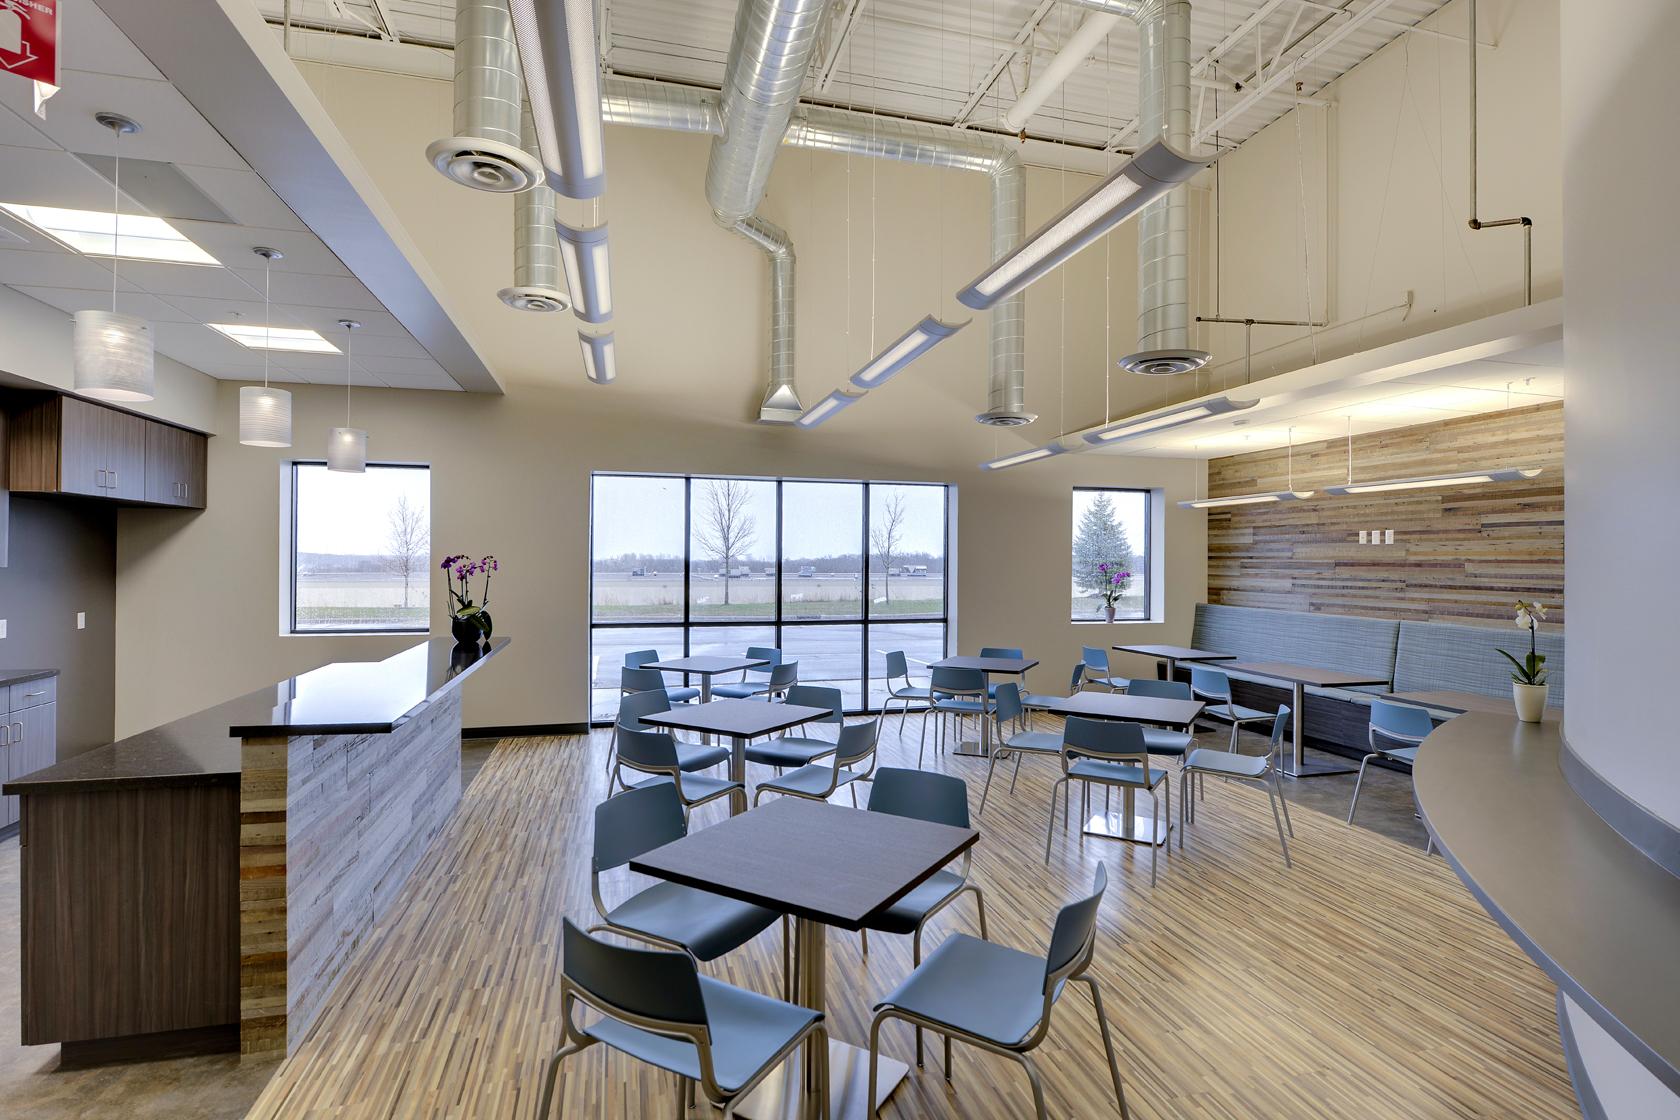 Novaspect Office & Warehouse Facility